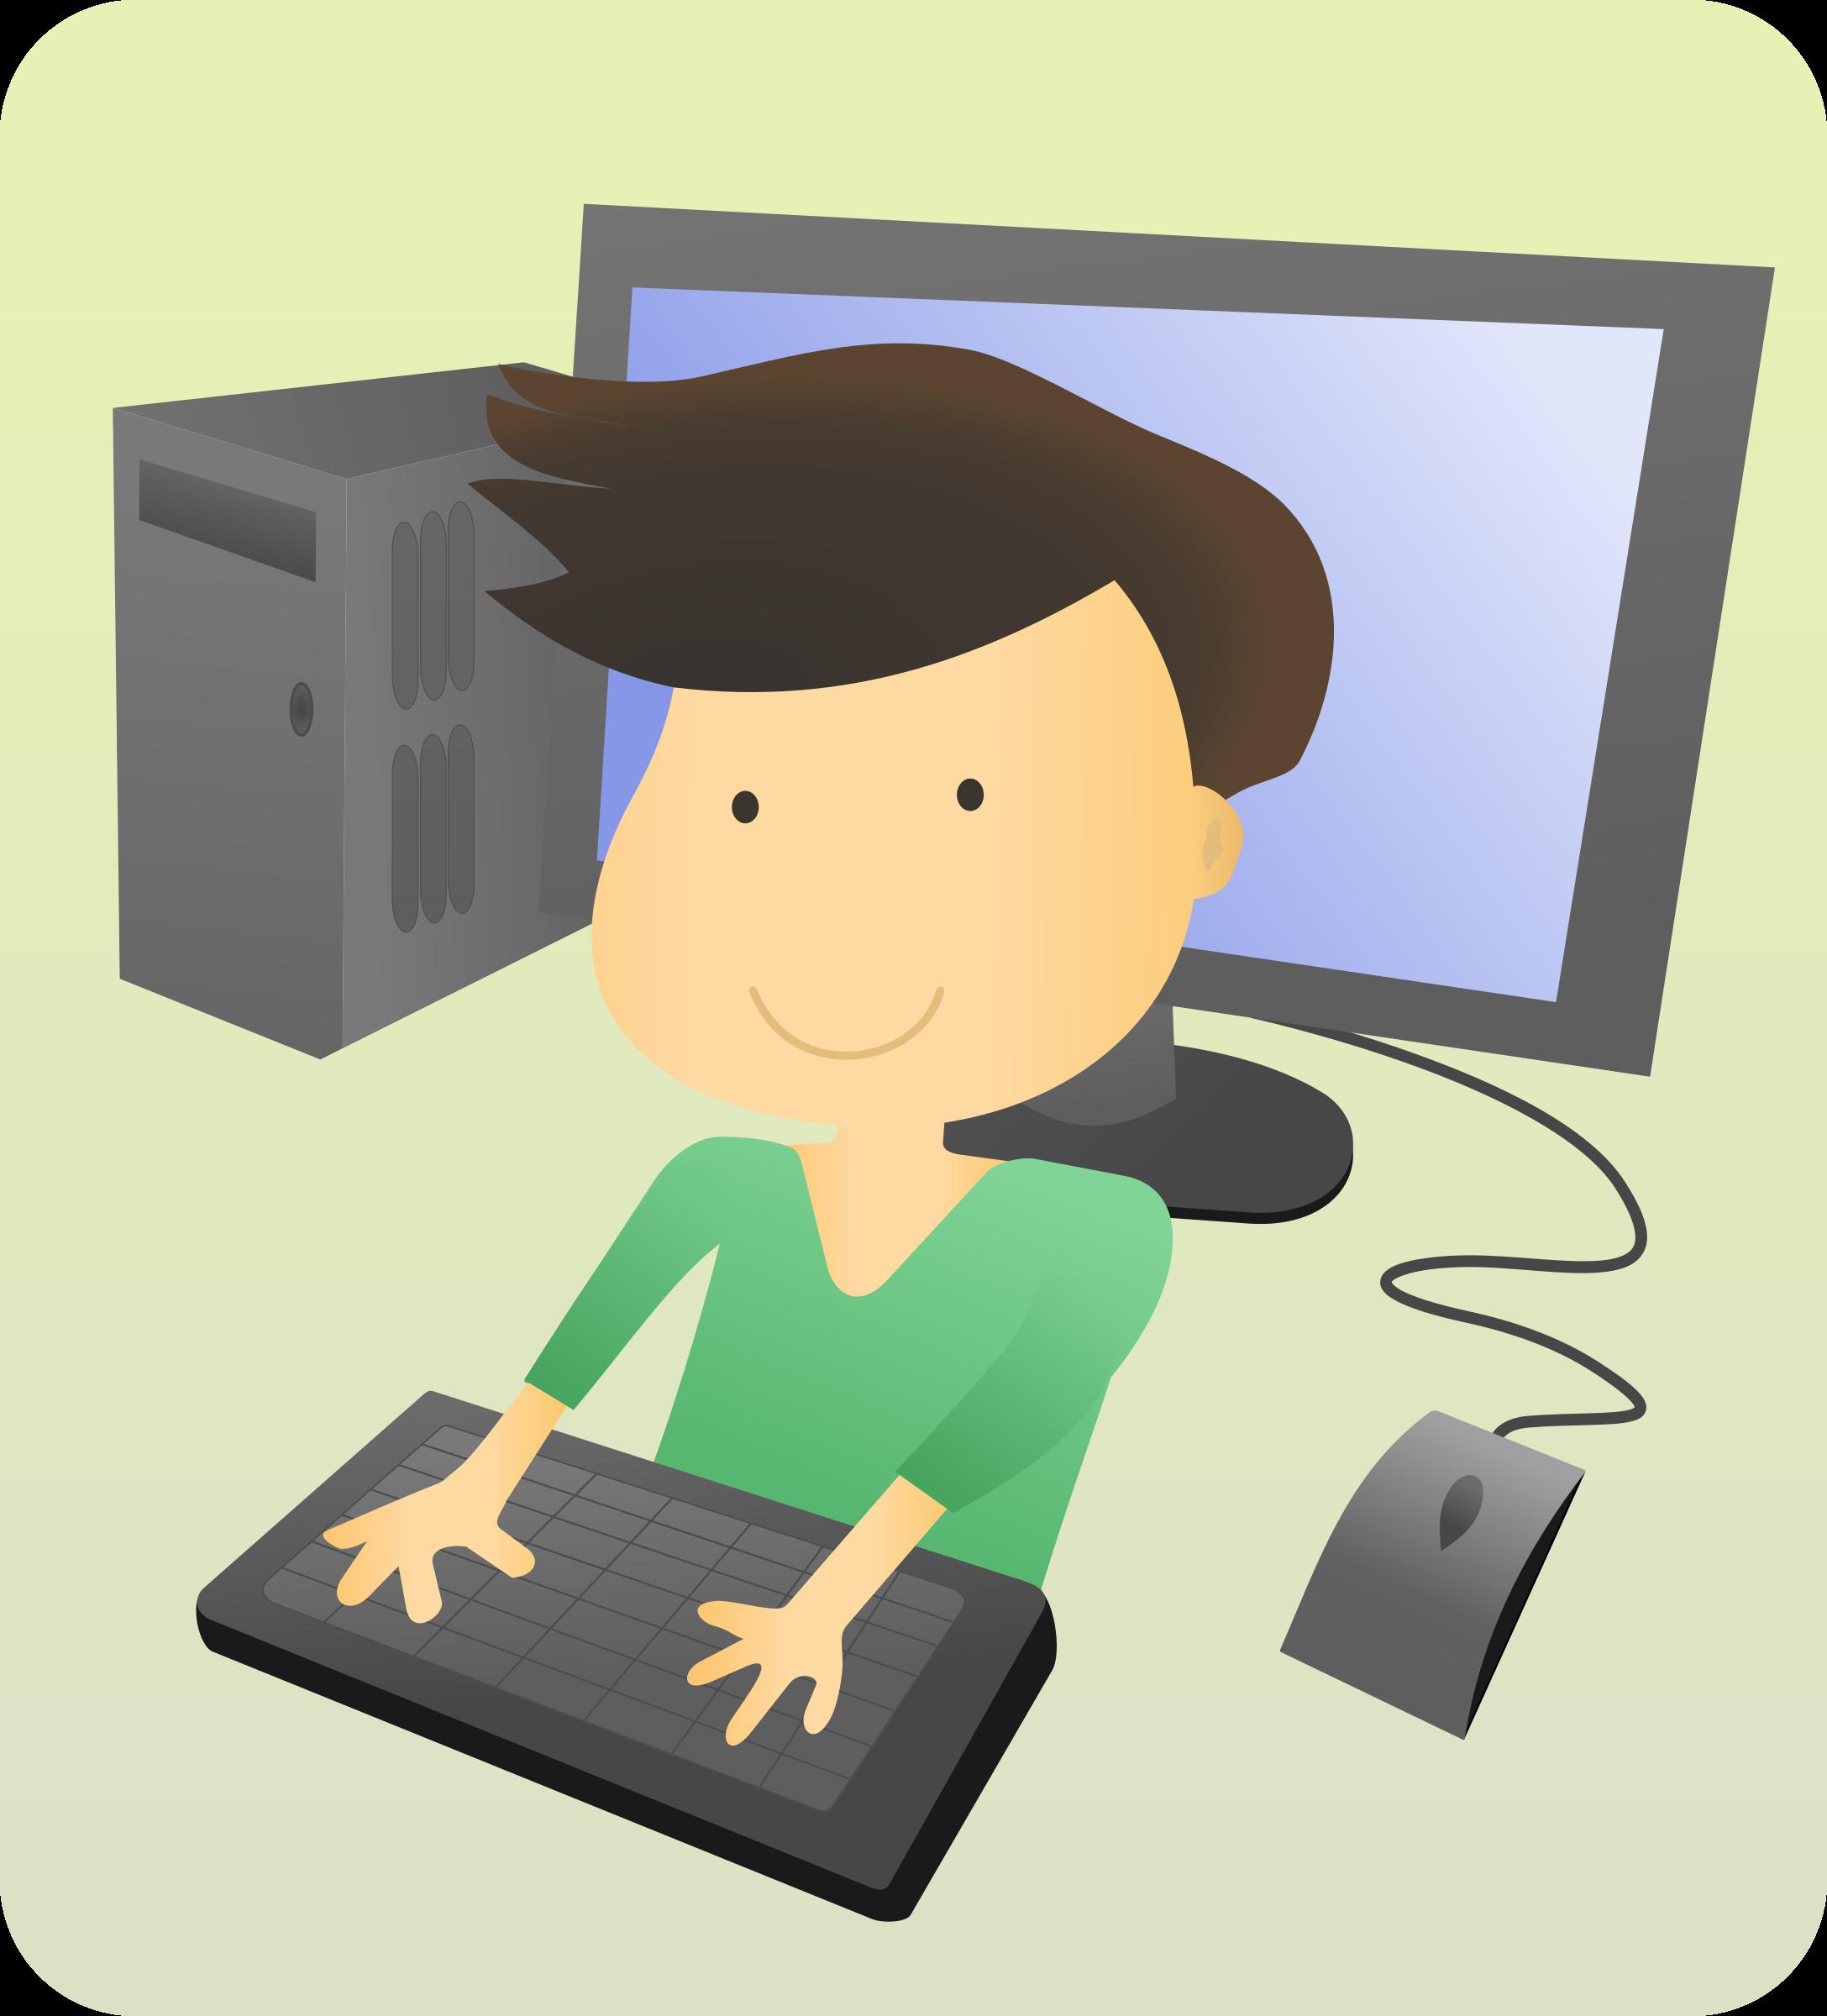 Kid on a computer cartoon